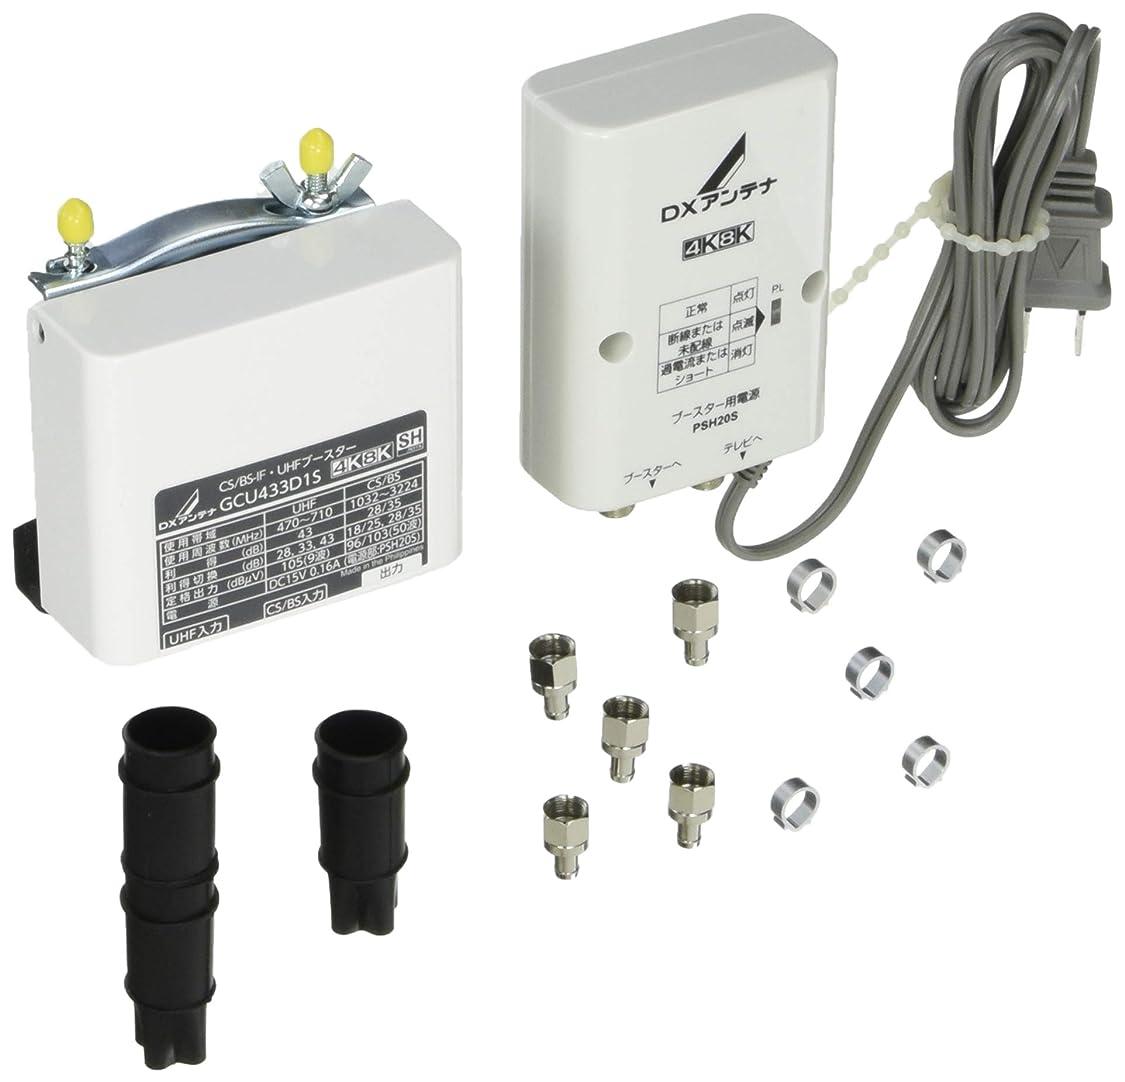 こんにちは先例スリンクYOU+ 4K8K 4C用F型接栓(アンテナ接栓、FP-4) 10個入り アルミリング 簡易取扱い説明書付パック(S-4C-FB同軸ケーブルに最適!) F4CA-10P